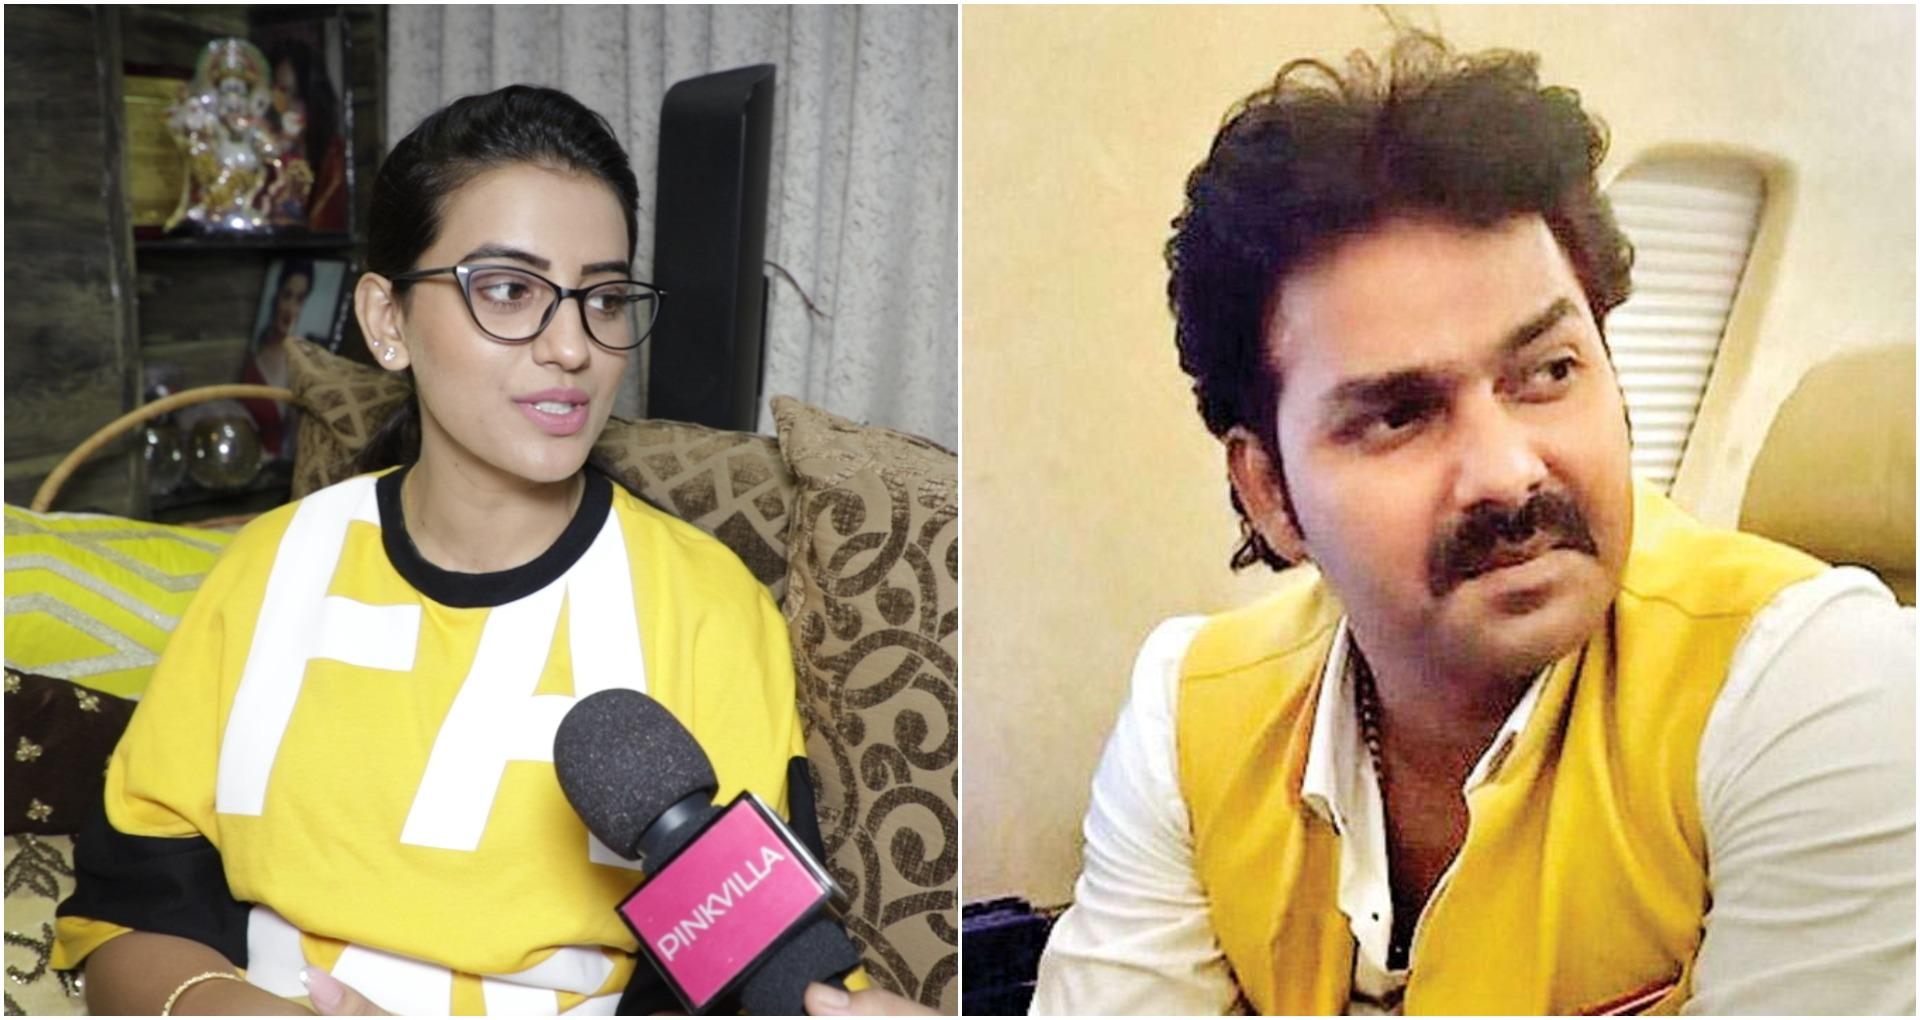 अक्षरा सिंह ने बताया कहां तक पहुंचा पवन सिंह का केस, अब कैसे चल रहा है उनका काम, पढ़ें Exclusive Interview